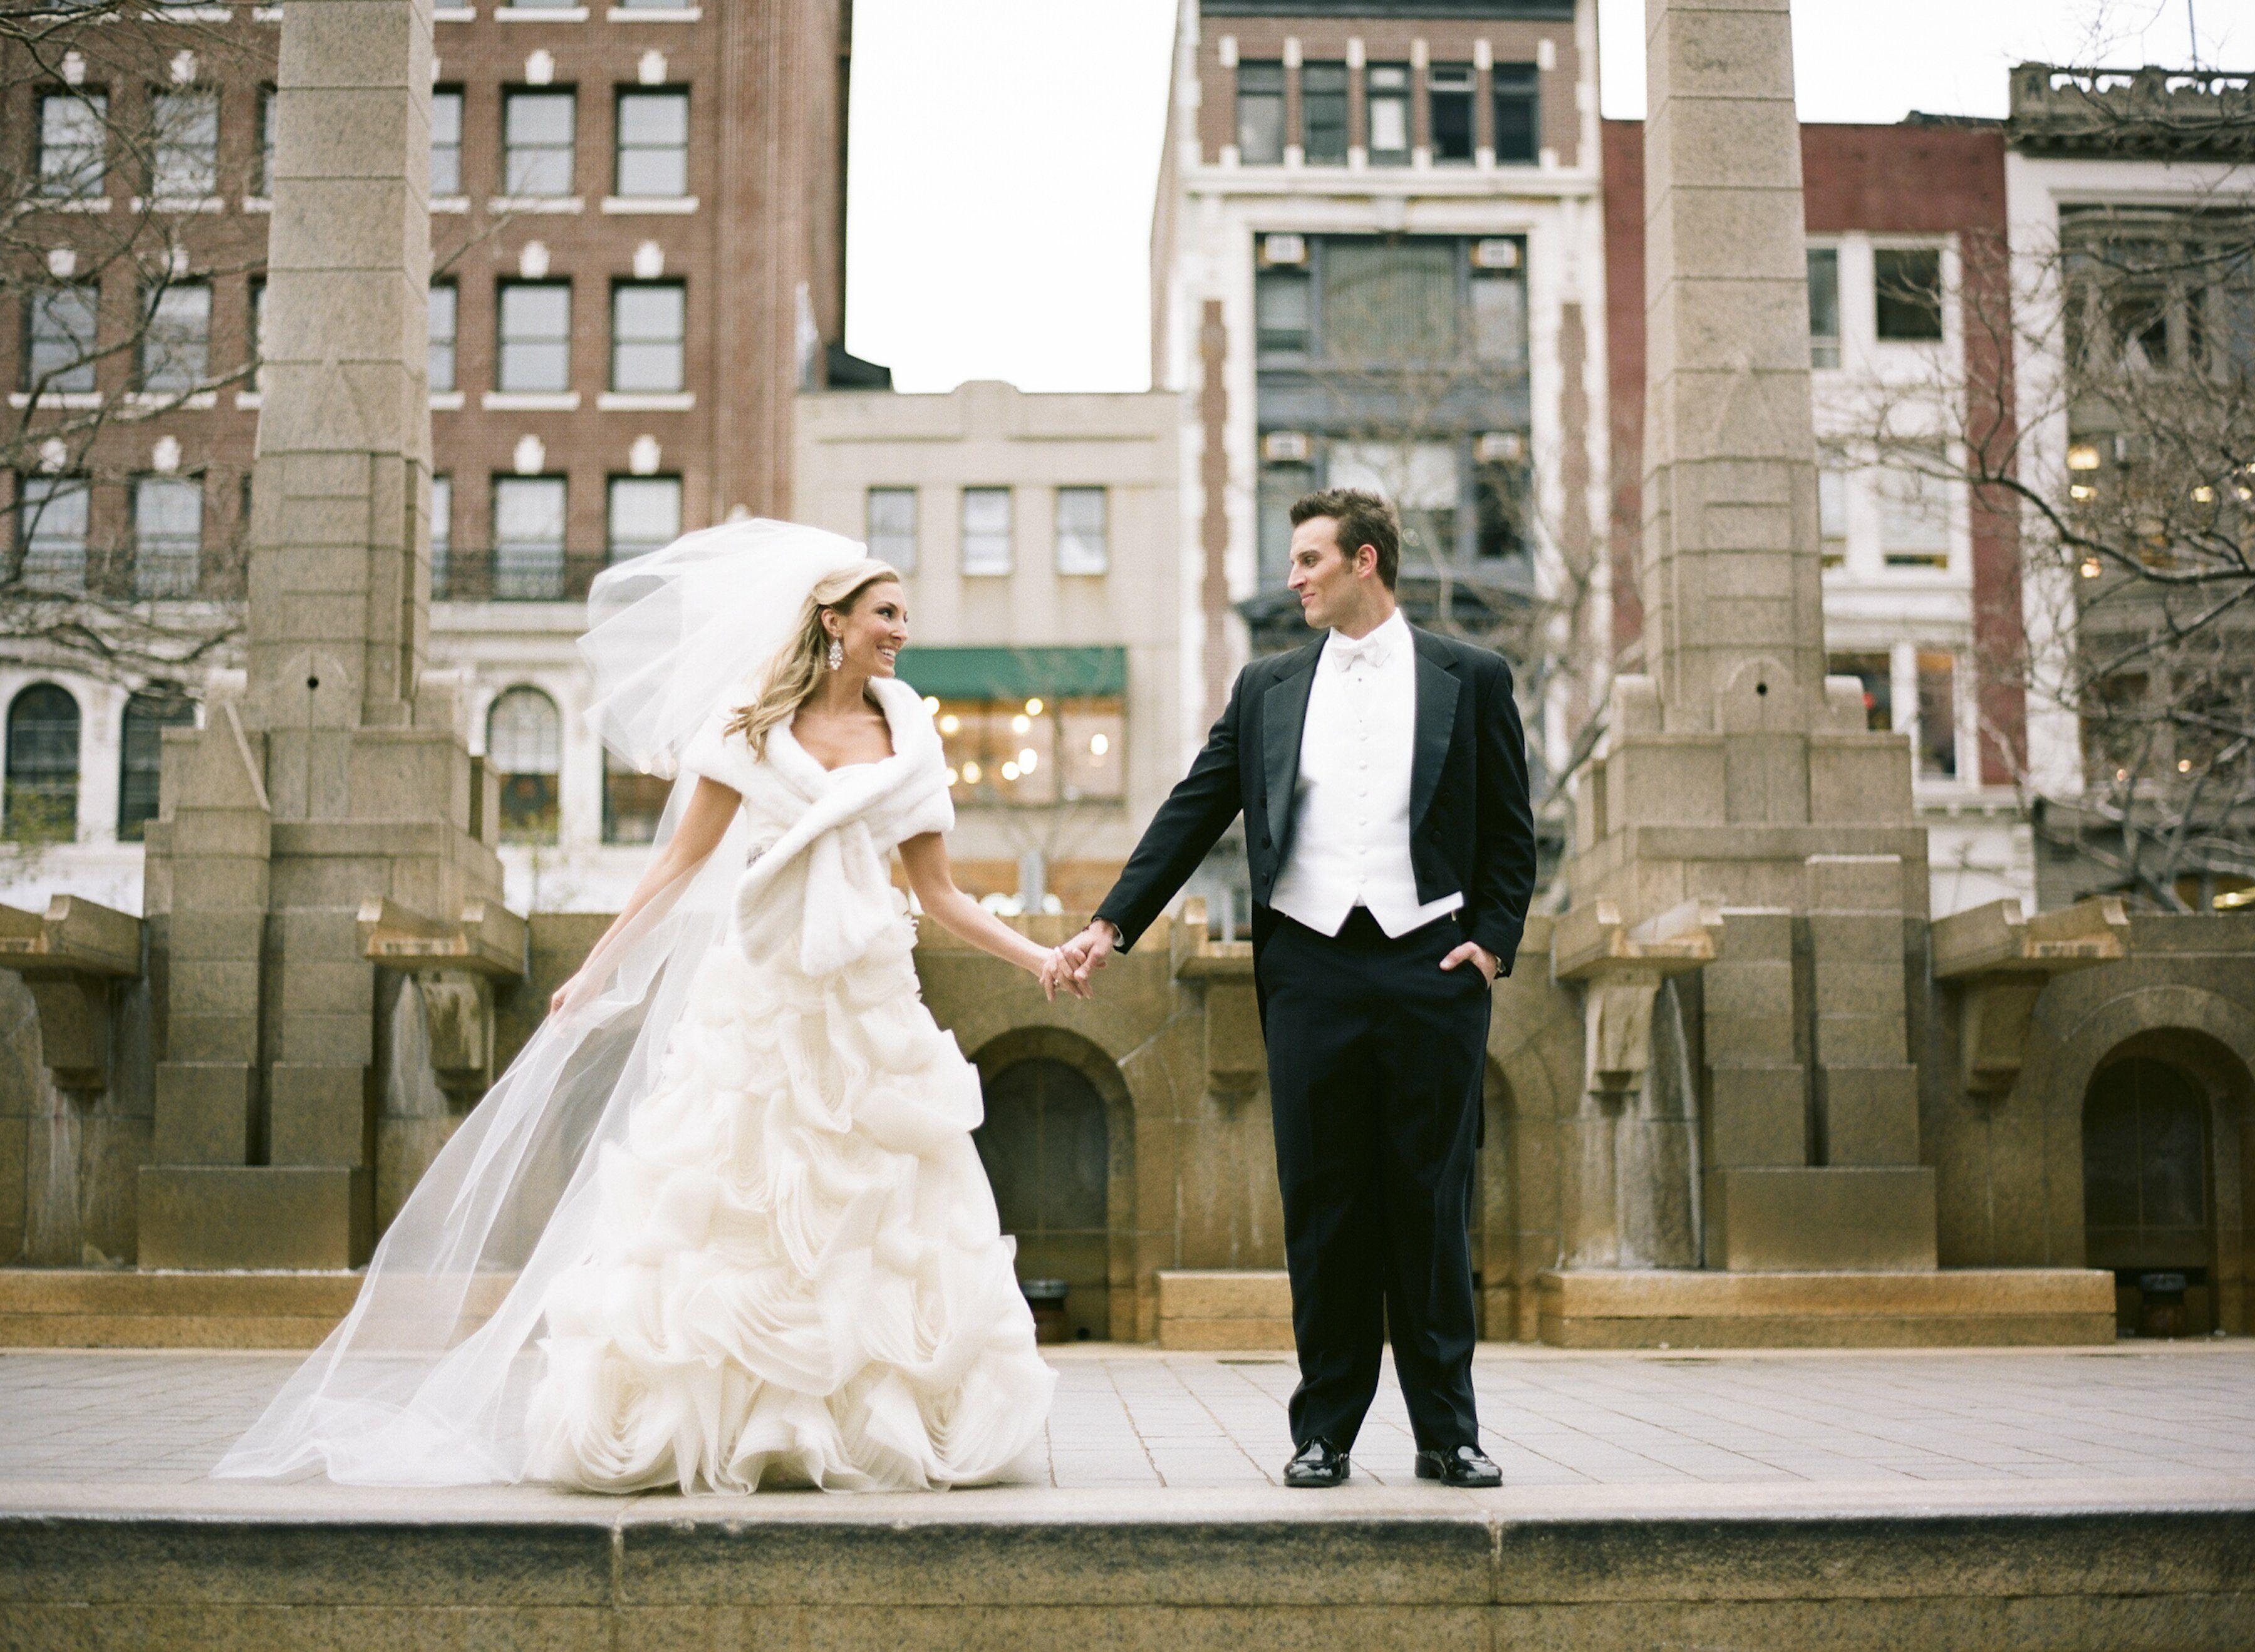 Wedding dresses boston massachusetts mini bridal for Wedding dresses in boston ma